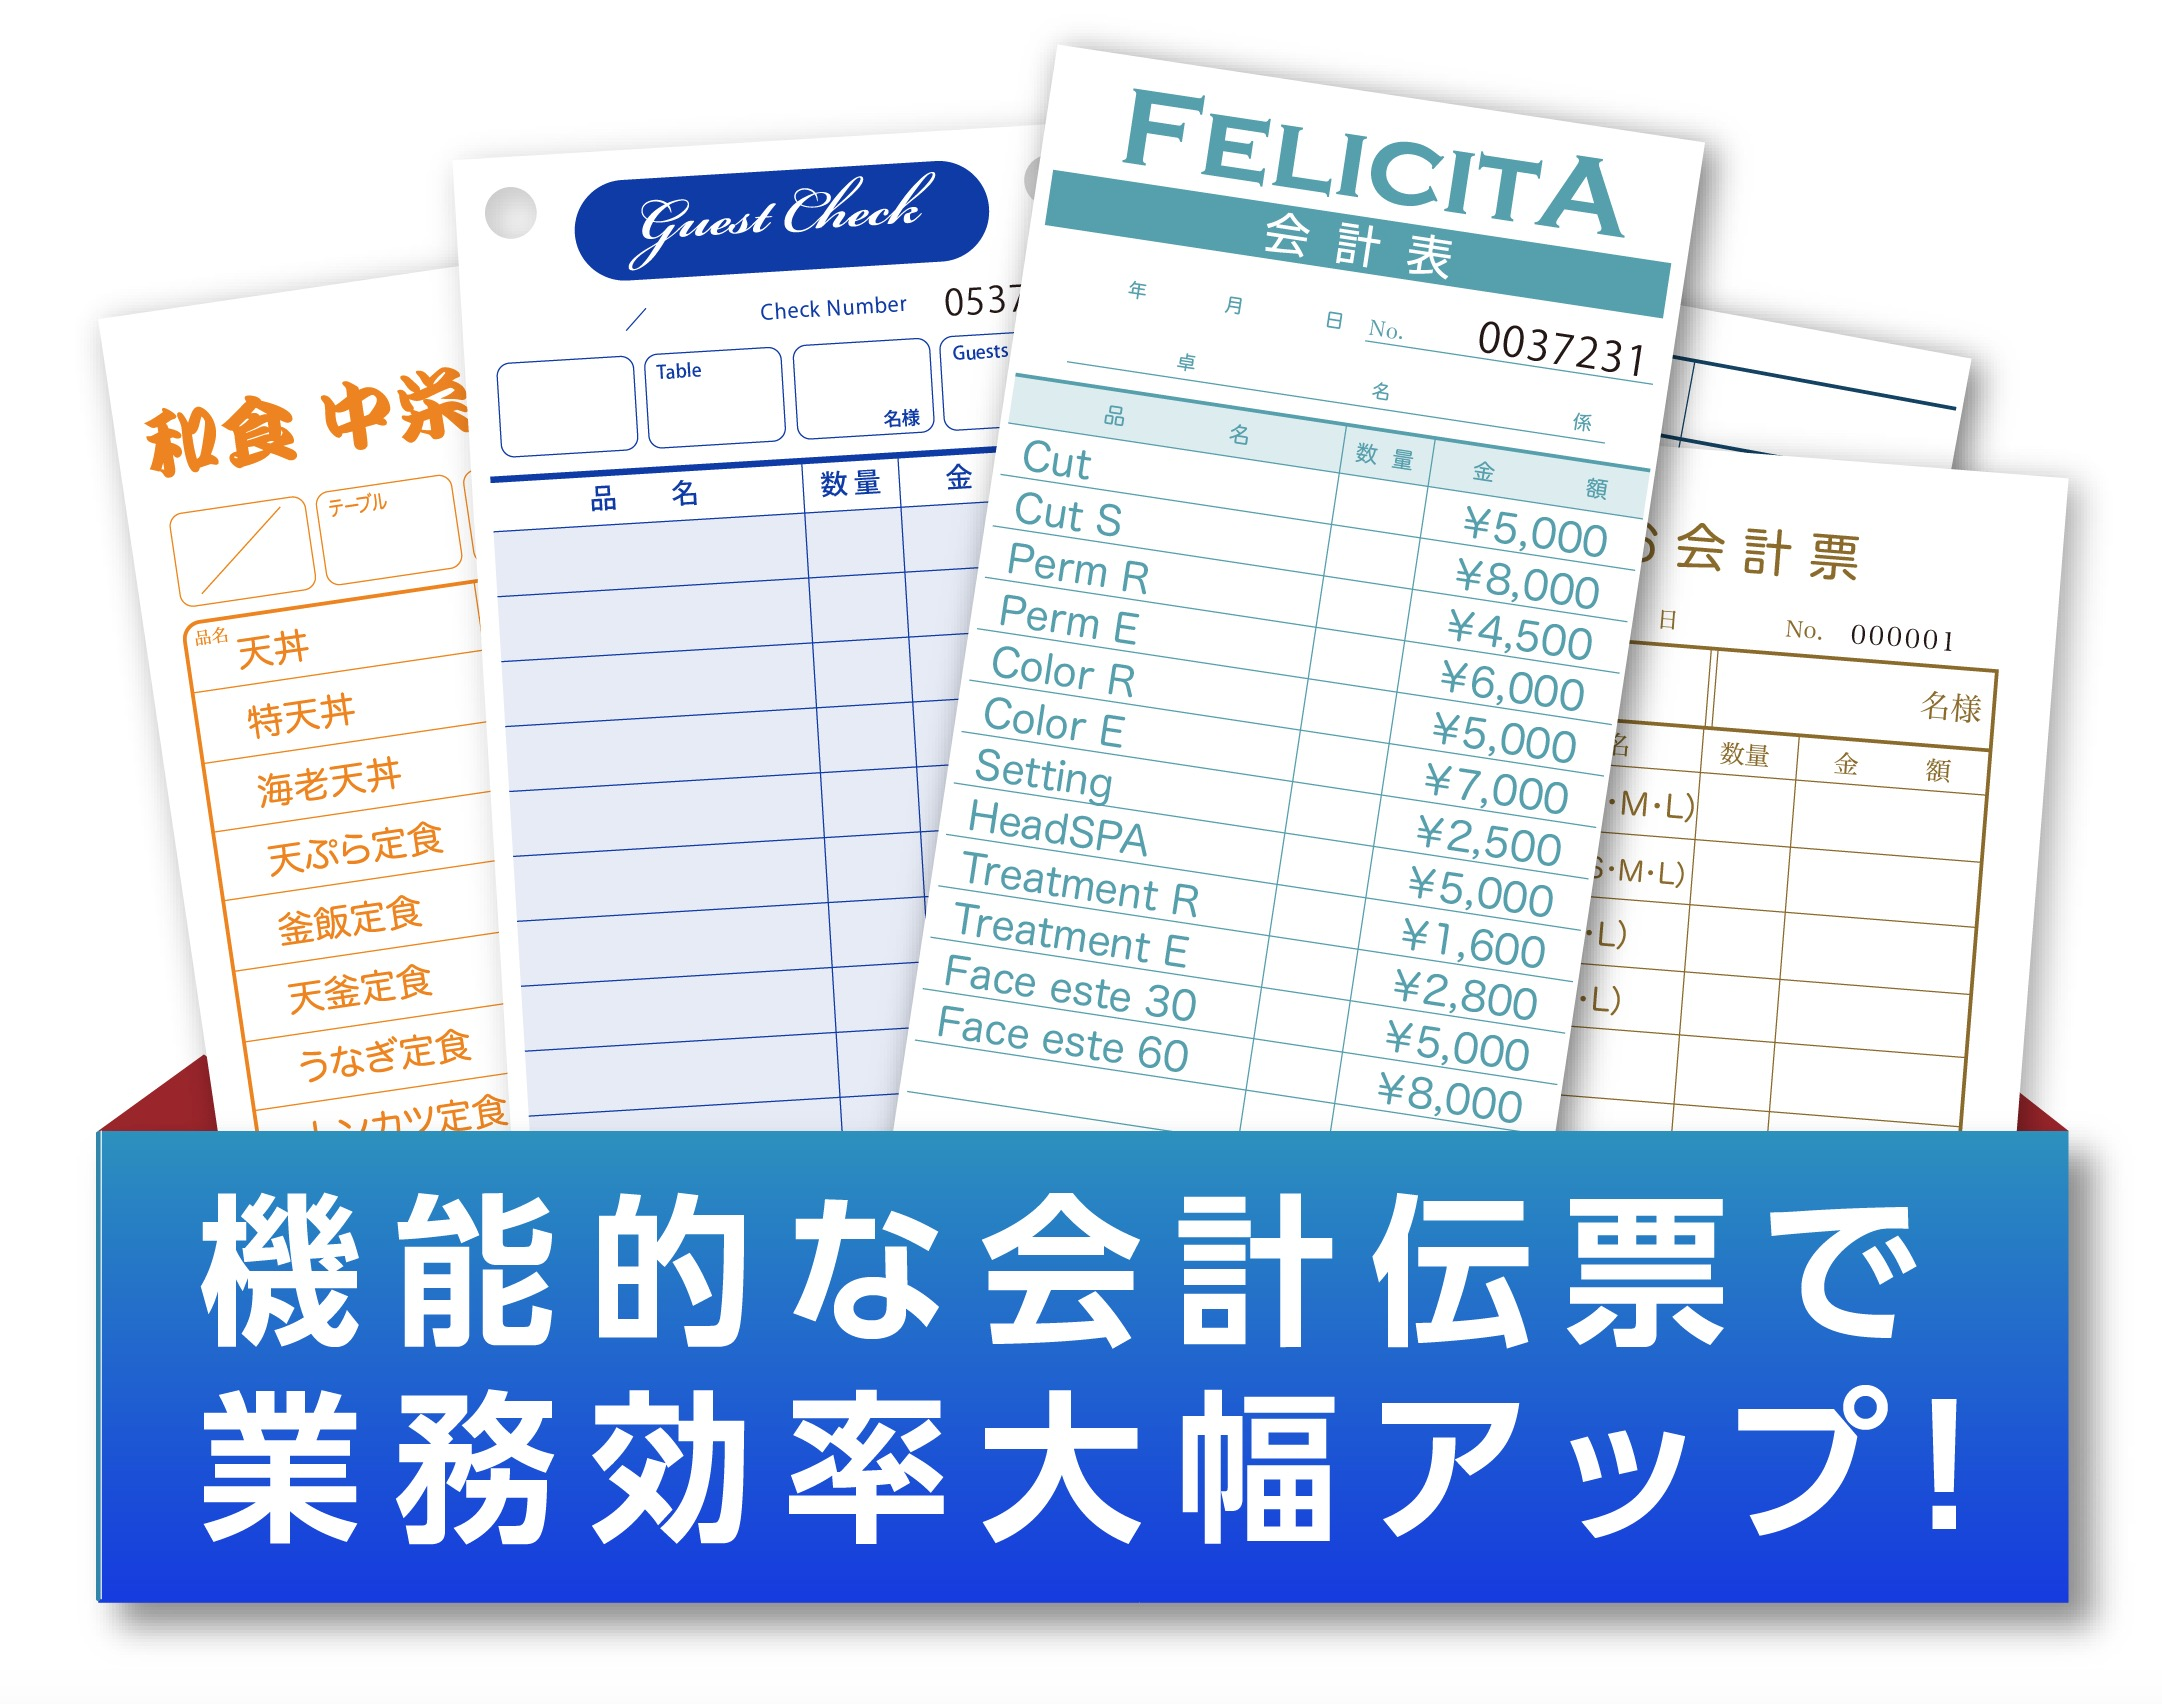 機能的な会計伝票で業務効率大幅アップ!